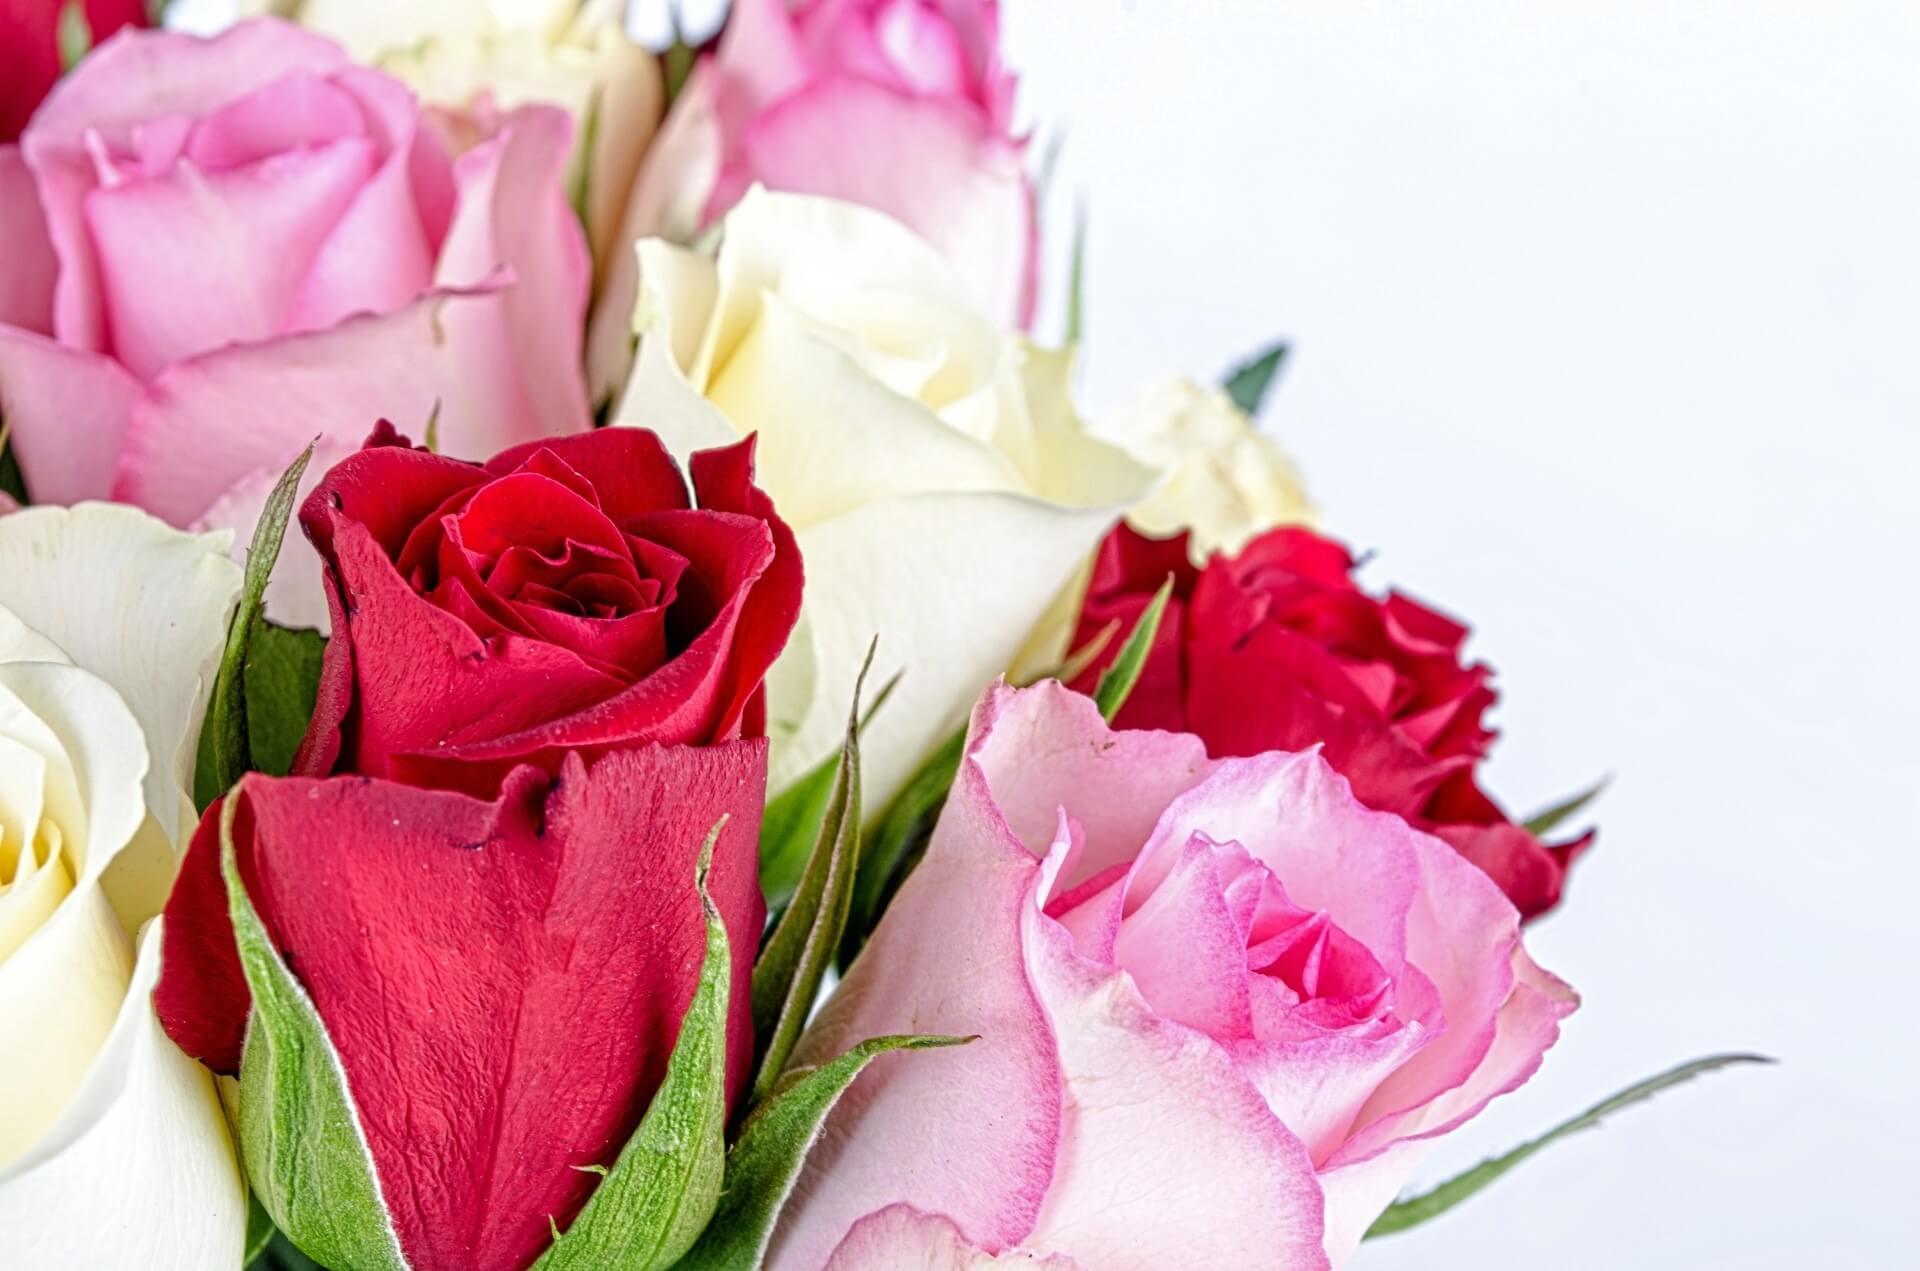 roseflower-316621